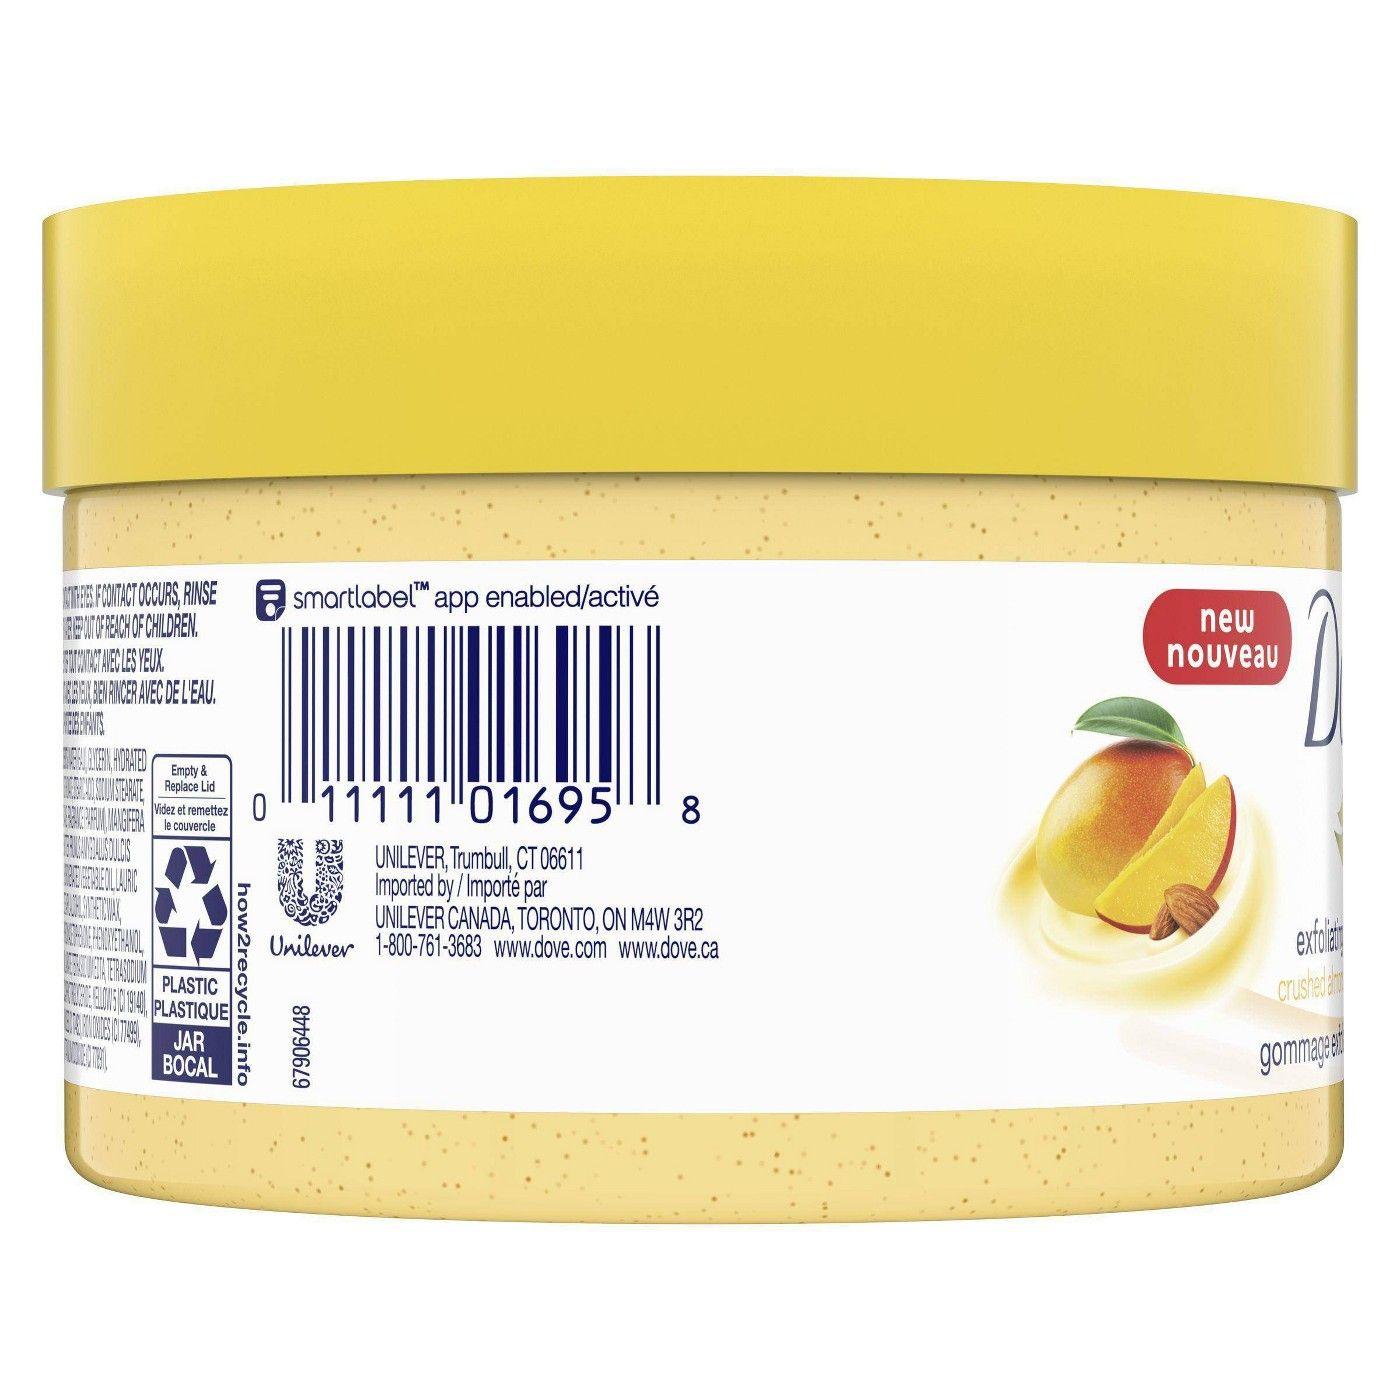 Dove Crushed Almond Mango Butter Exfoliating Body Polish Scrub 10 5 Fl Oz Affiliate Mango Ad Butter Exfoli In 2020 Mango Butter Body Polish Vaseline Bottle